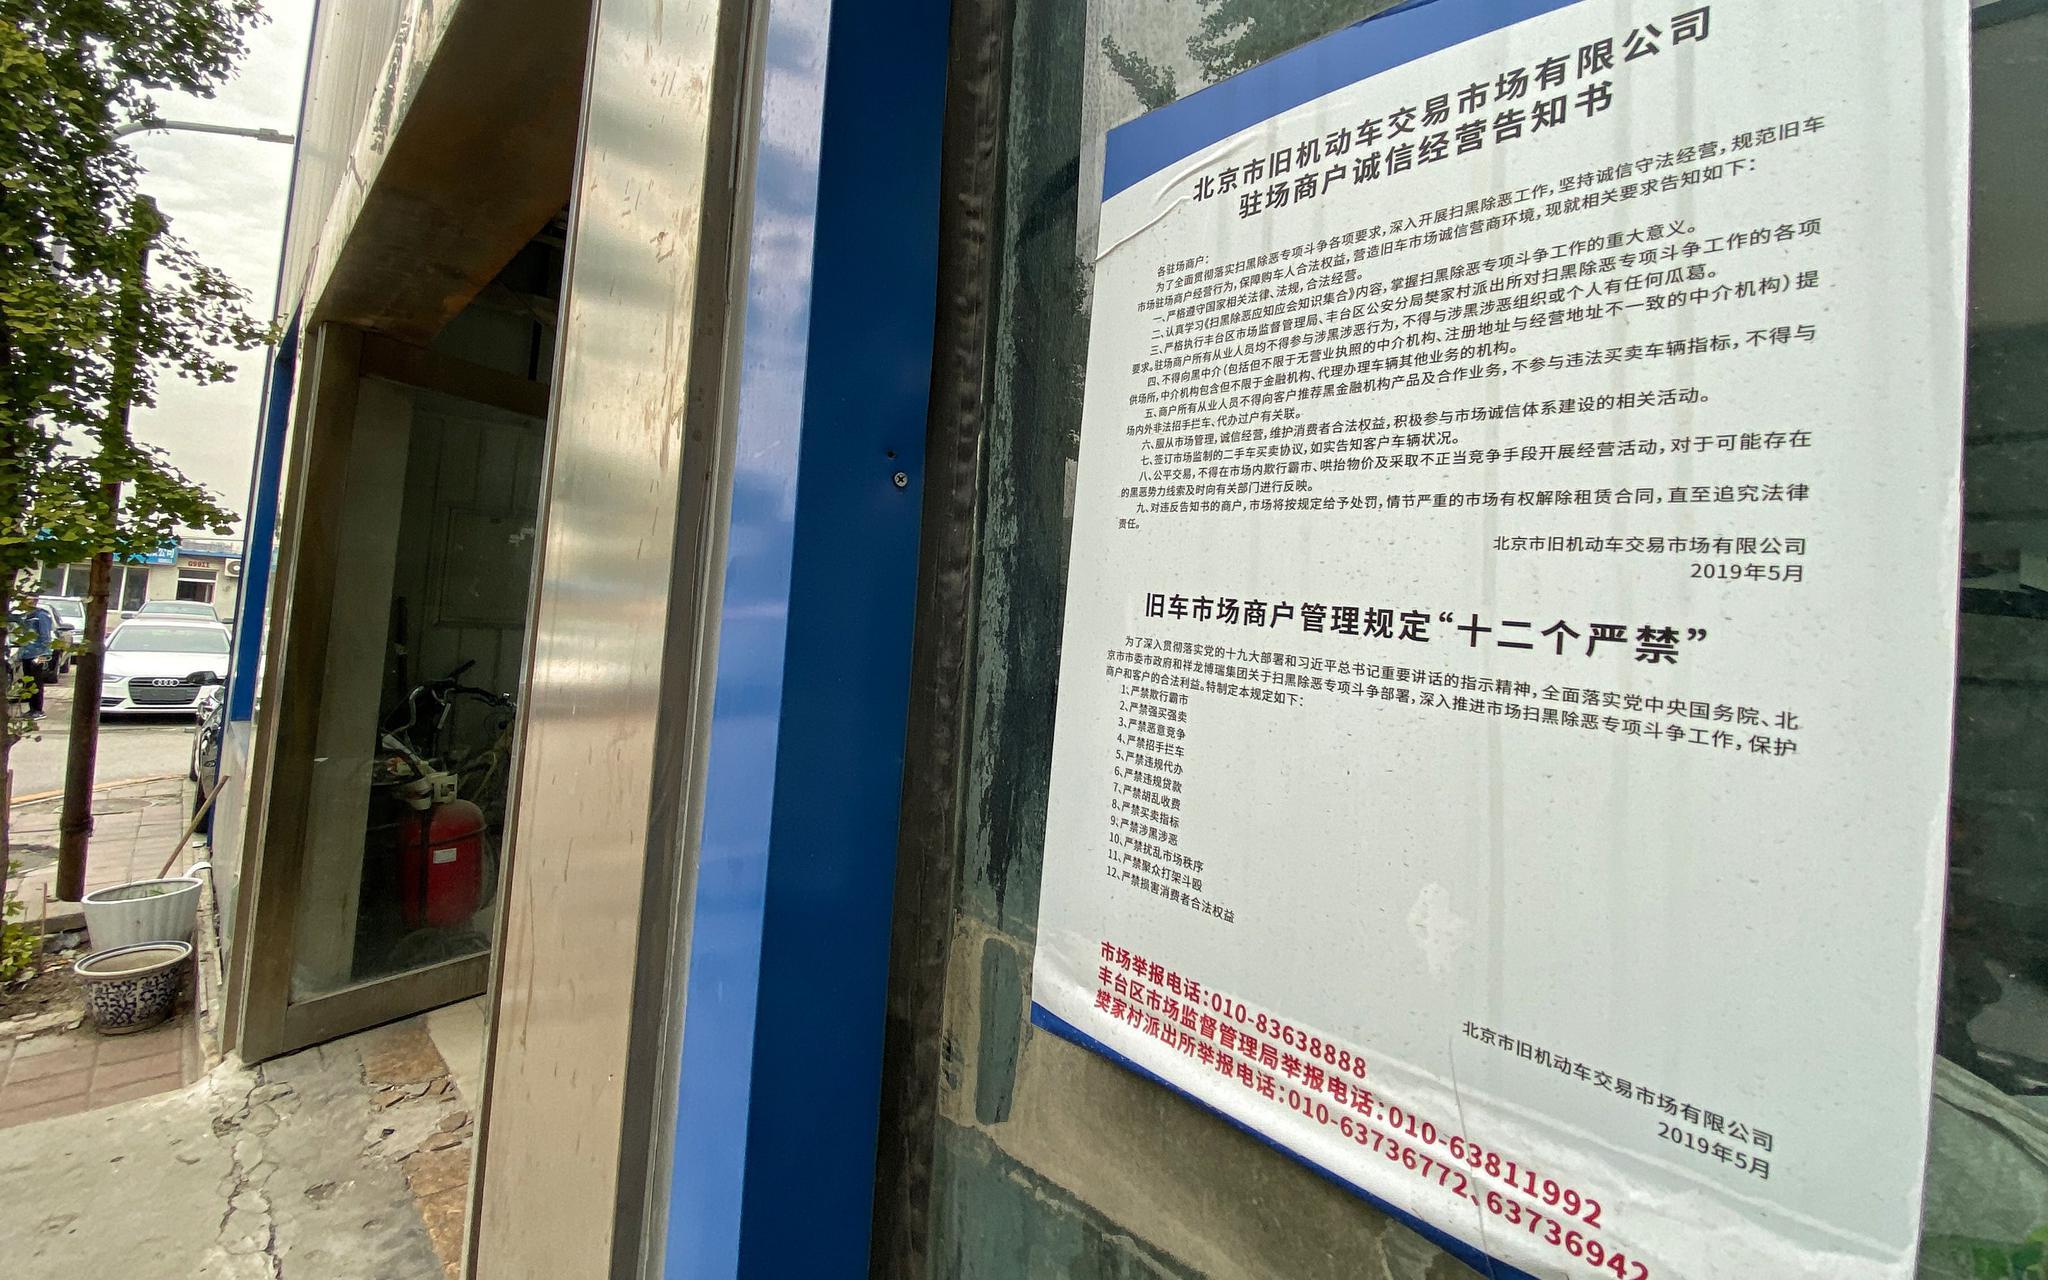 11月起外地车限行措施调整 京牌租赁应声涨价